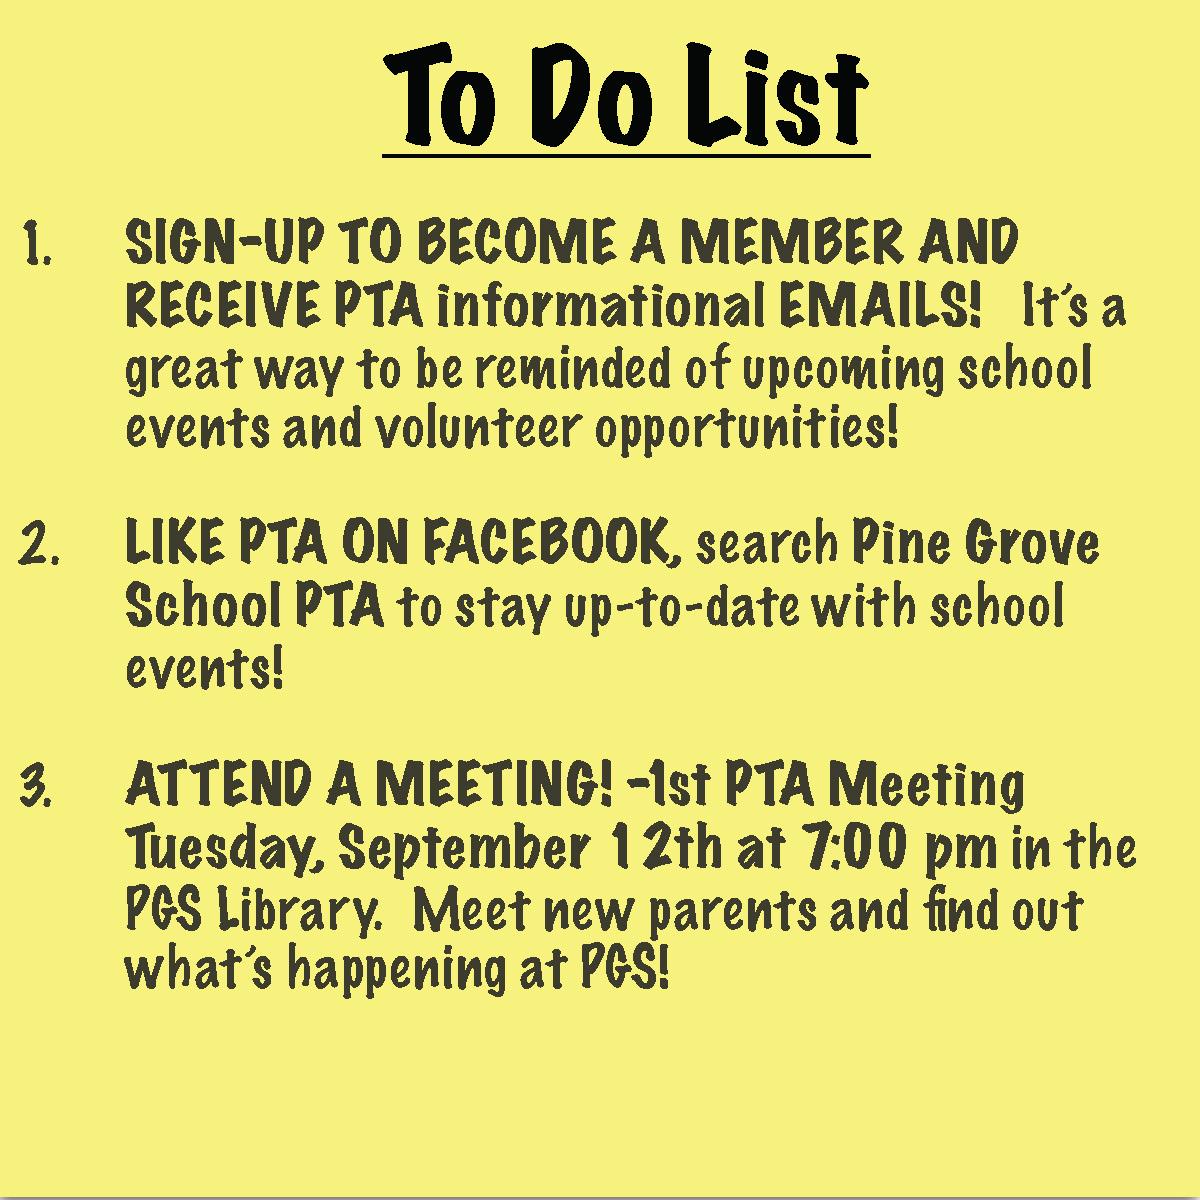 Pine Grove School PTA